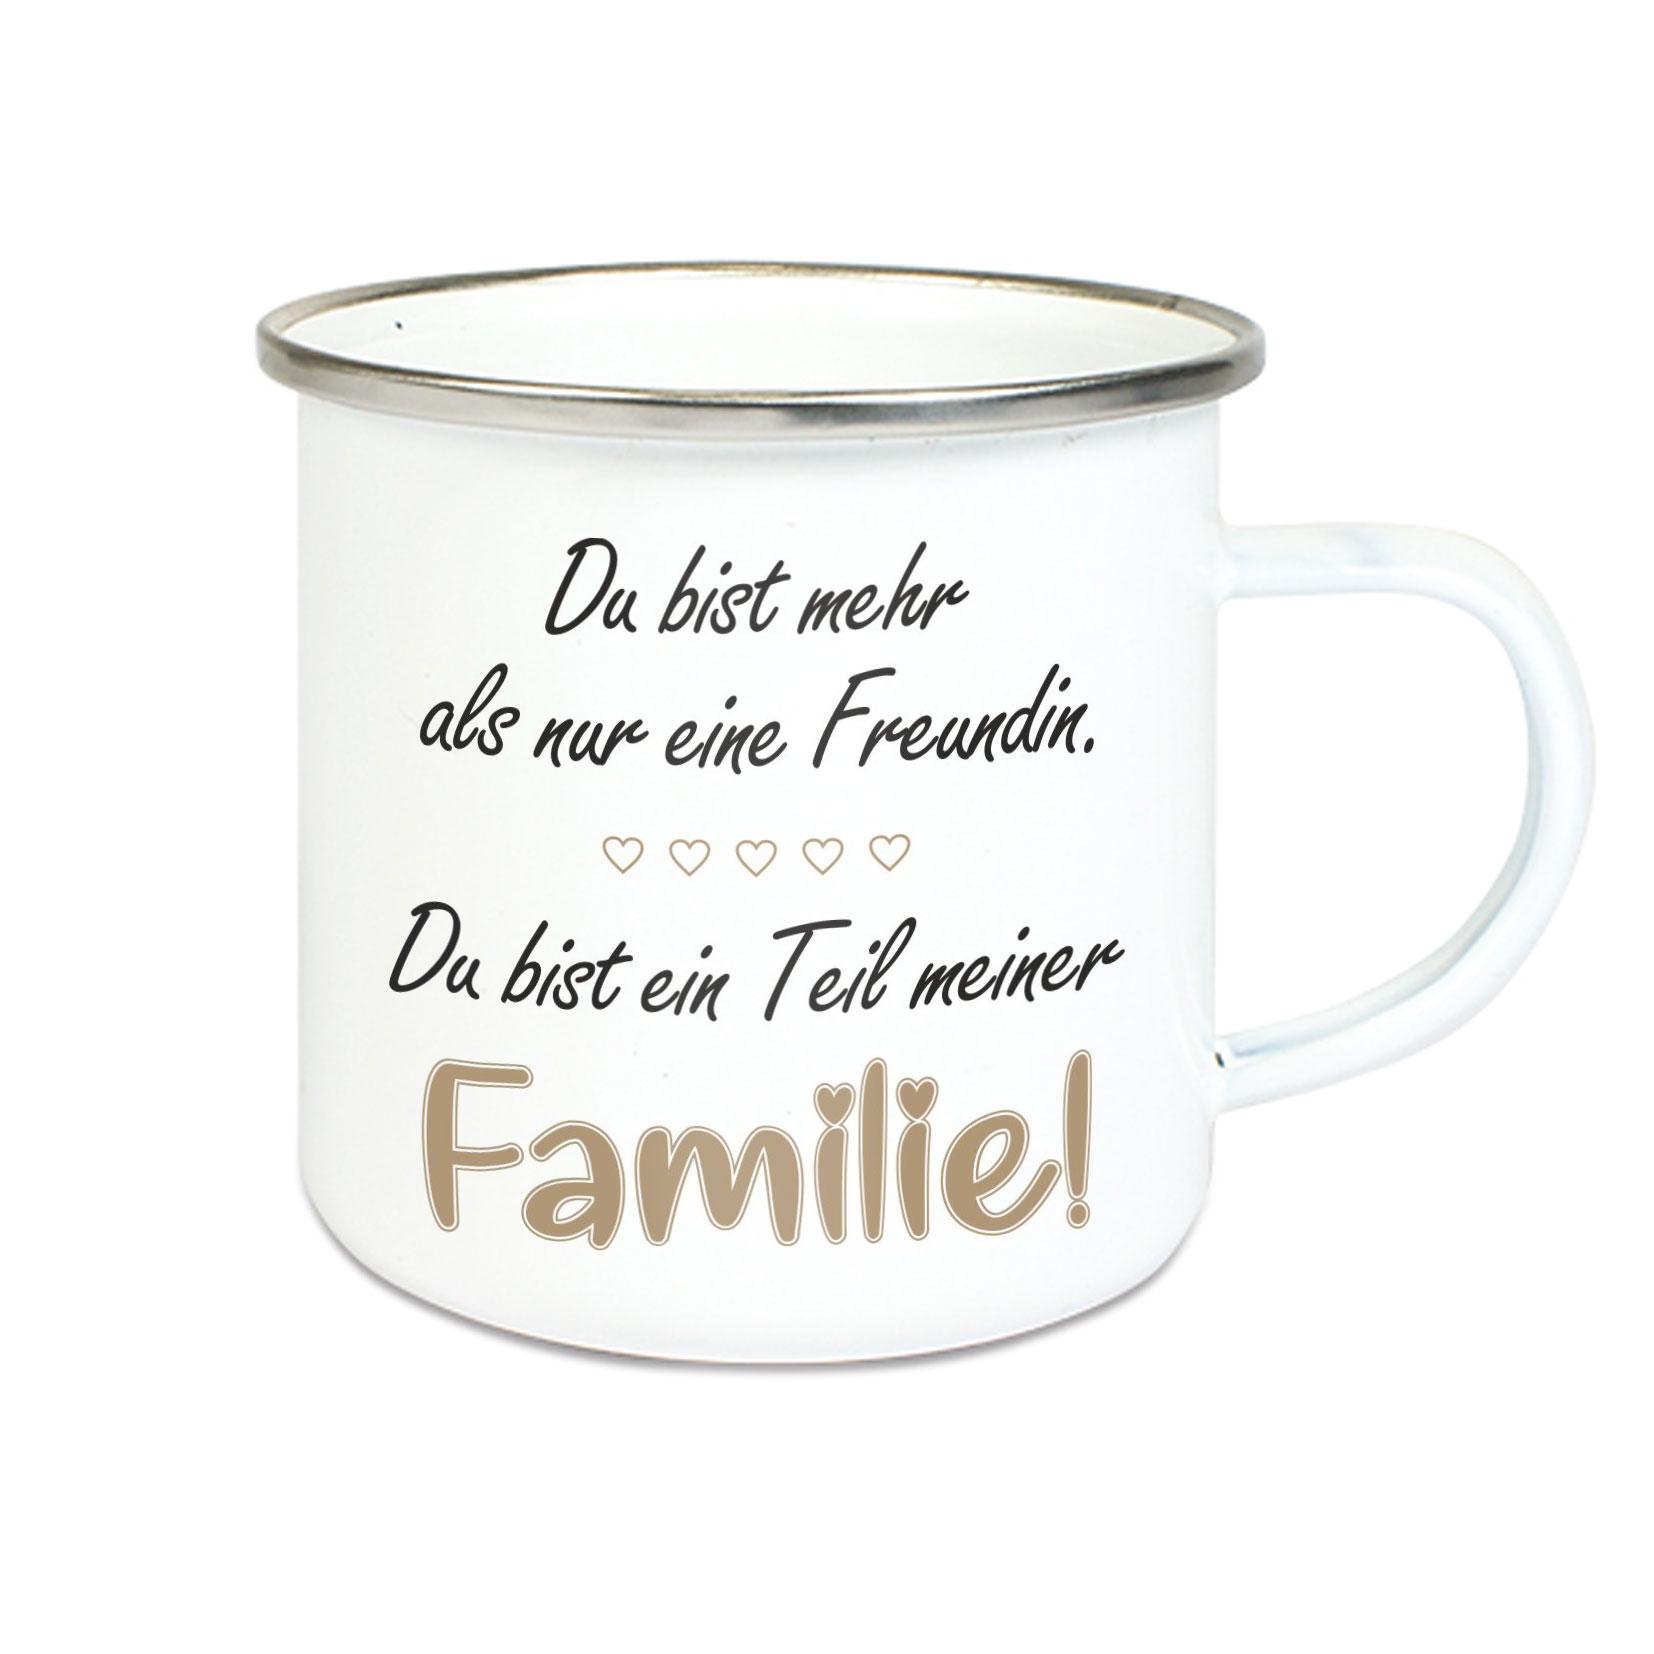 Emalie Tasse: DU BIST MEHR ALS NUR EINE FREUNDIN DU BIST TEIL MEINER FAMILIE